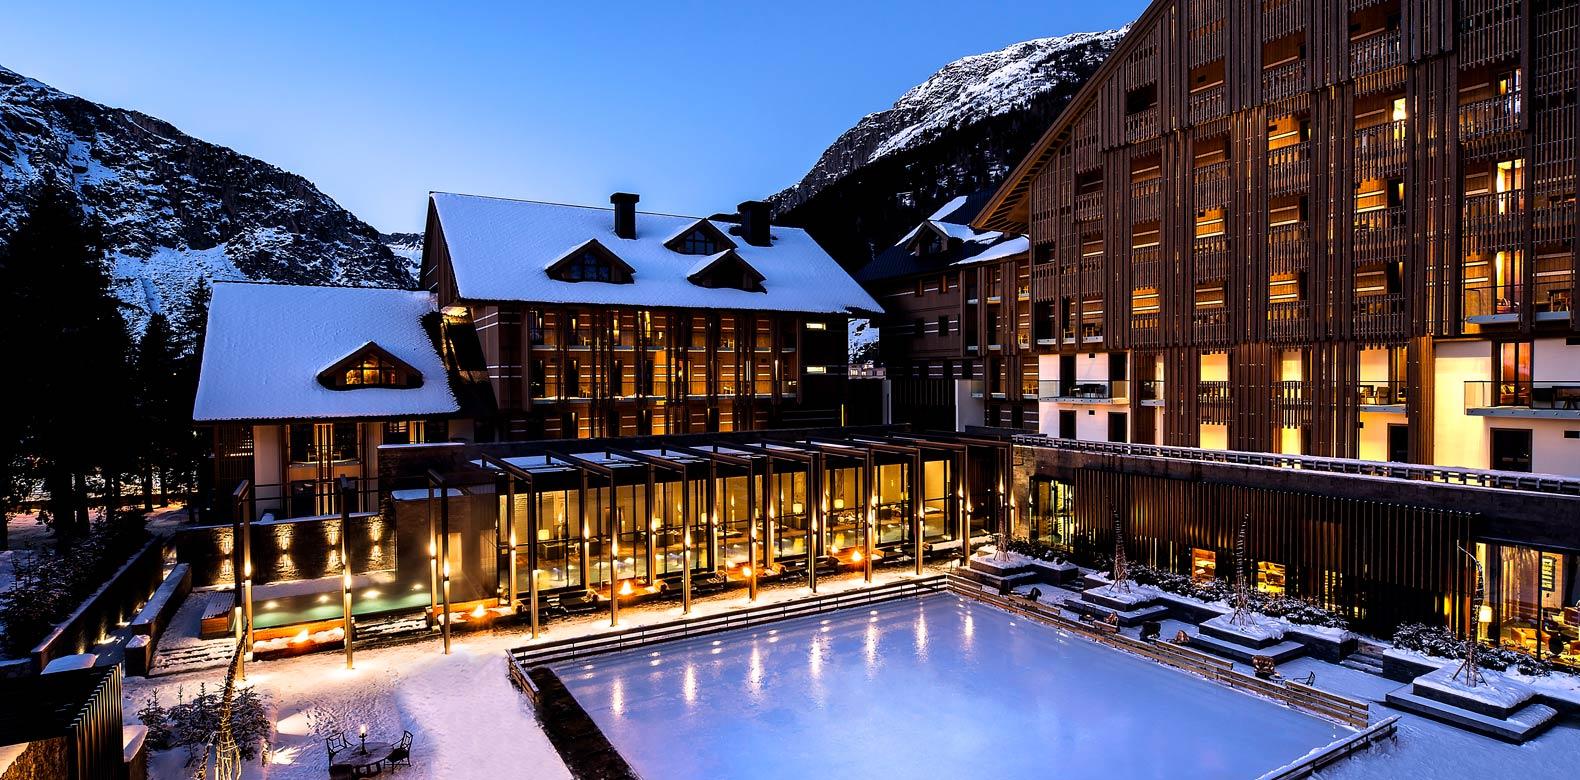 Luxury Hotels Worldwide 5 Star Hotels Worldwide Dlw Luxuryhotels